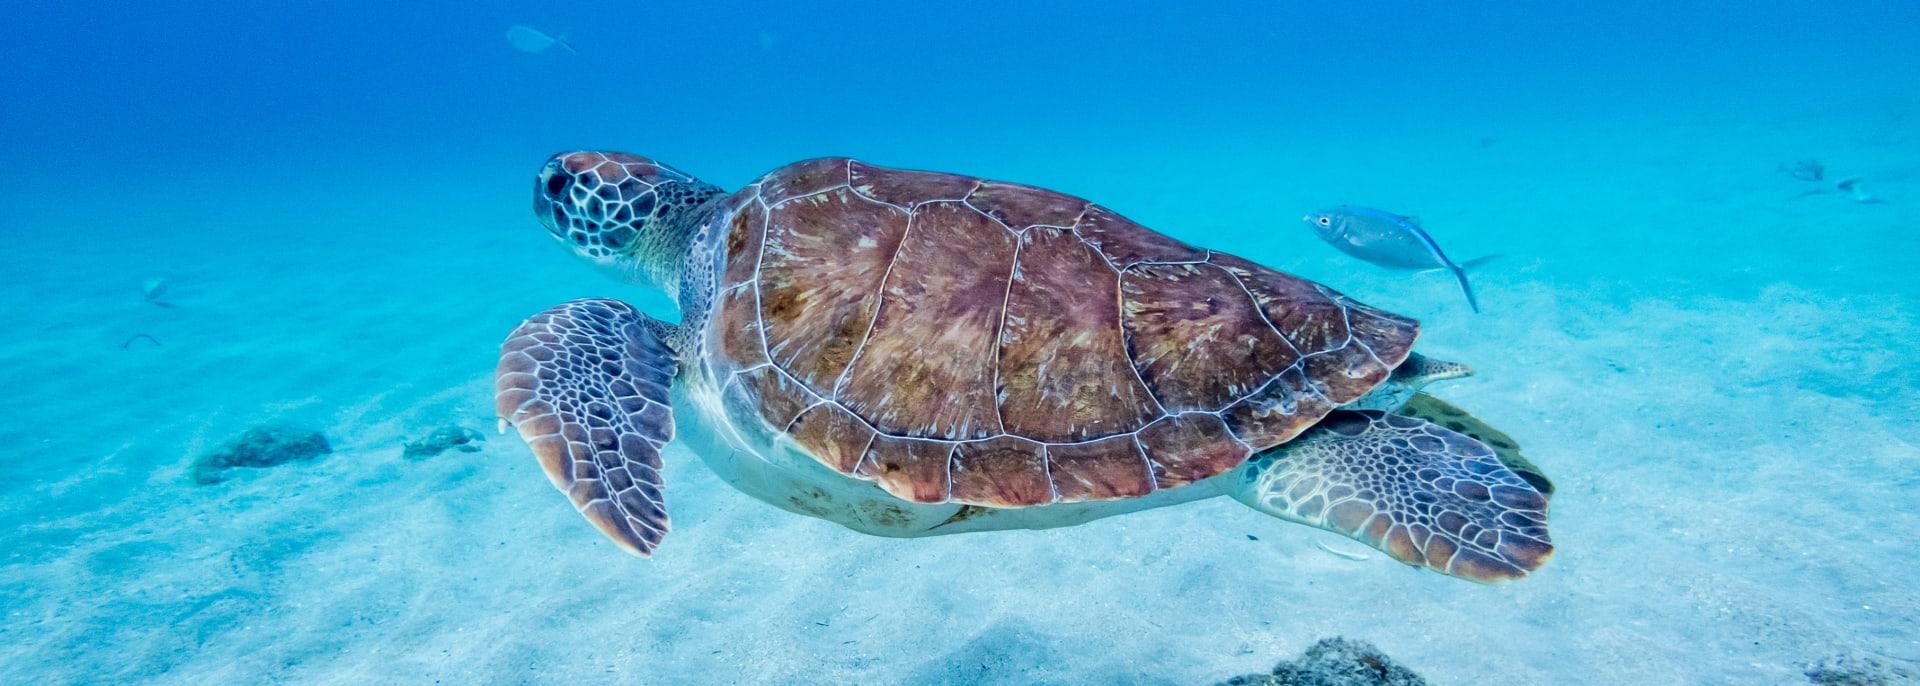 Karibik Schildkröte